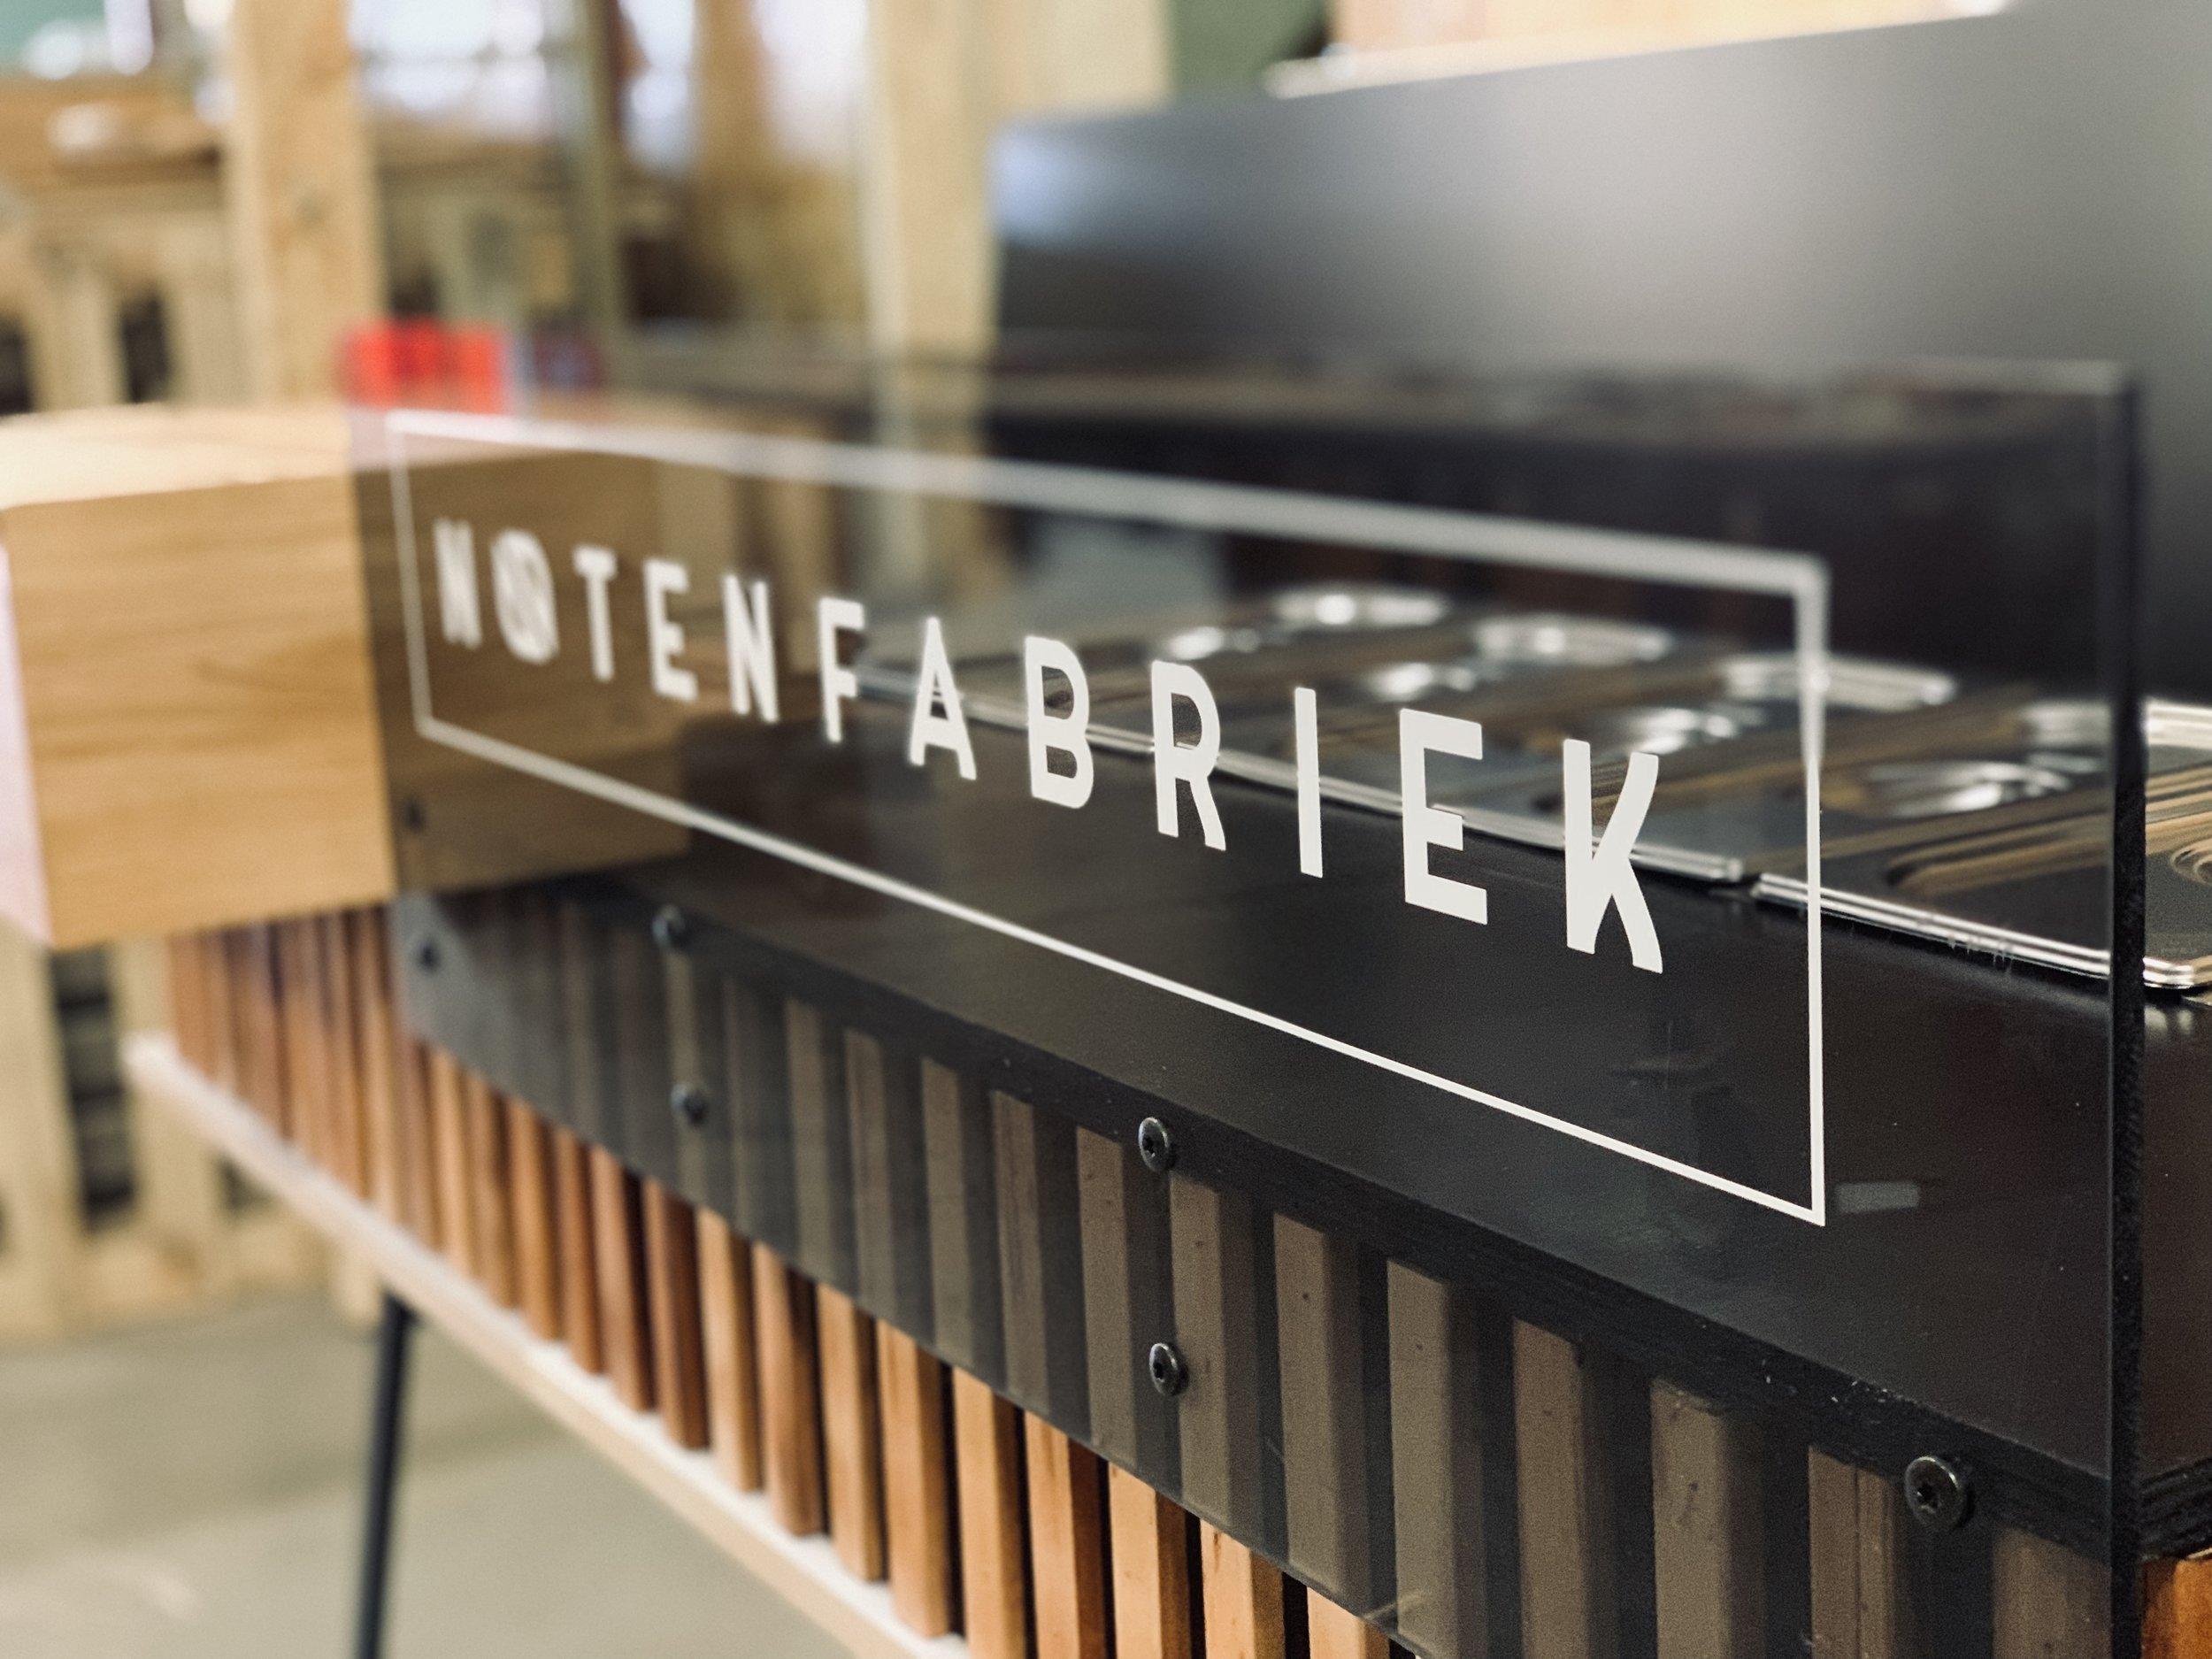 De Notenfabriek - Notenbar